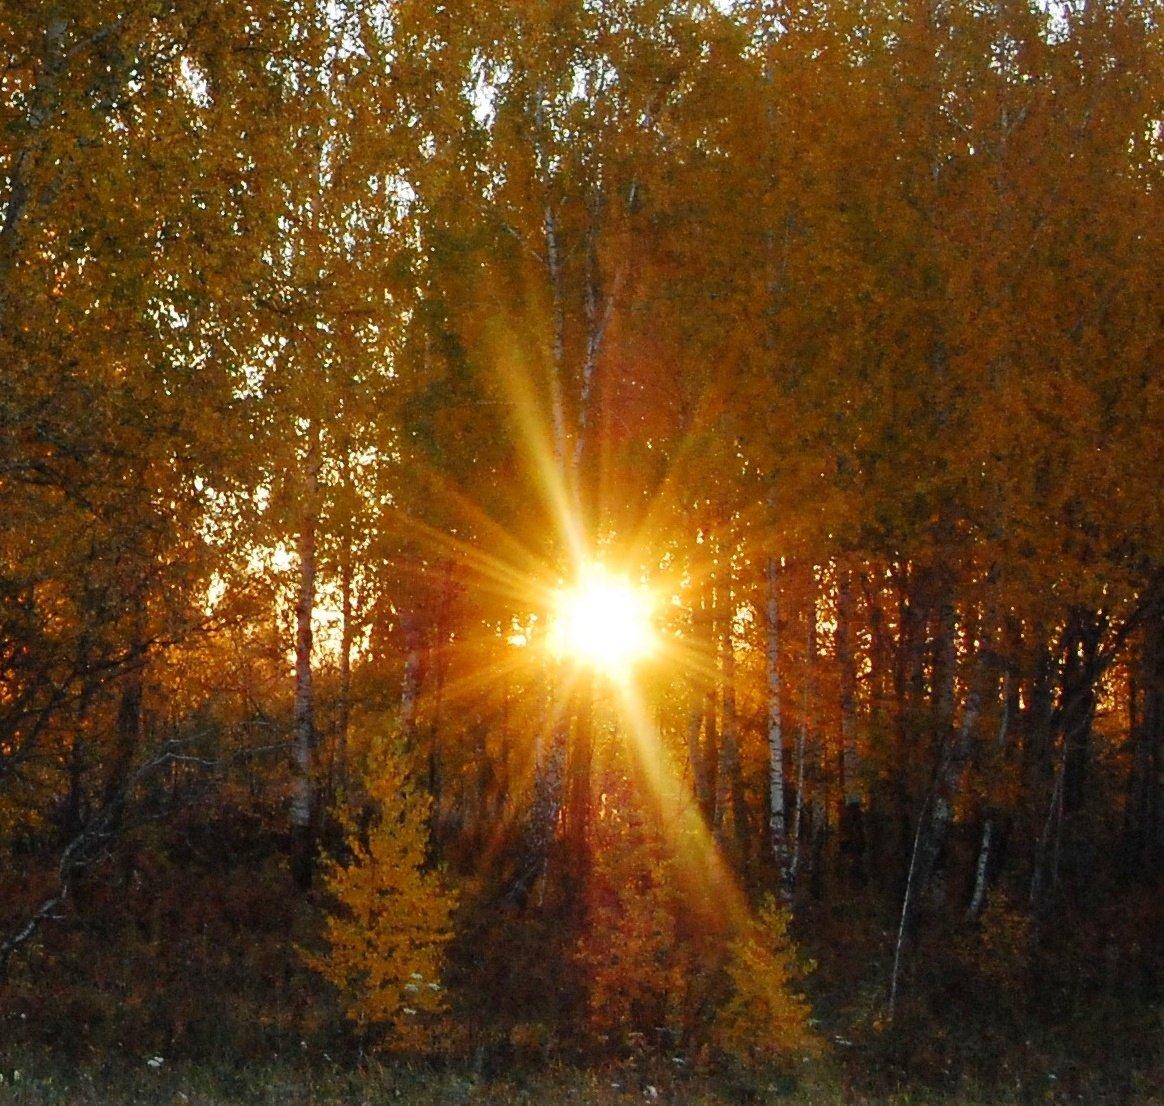 тонирование теплого осеннего фото с лучами солнца списке претендентов обнаружились